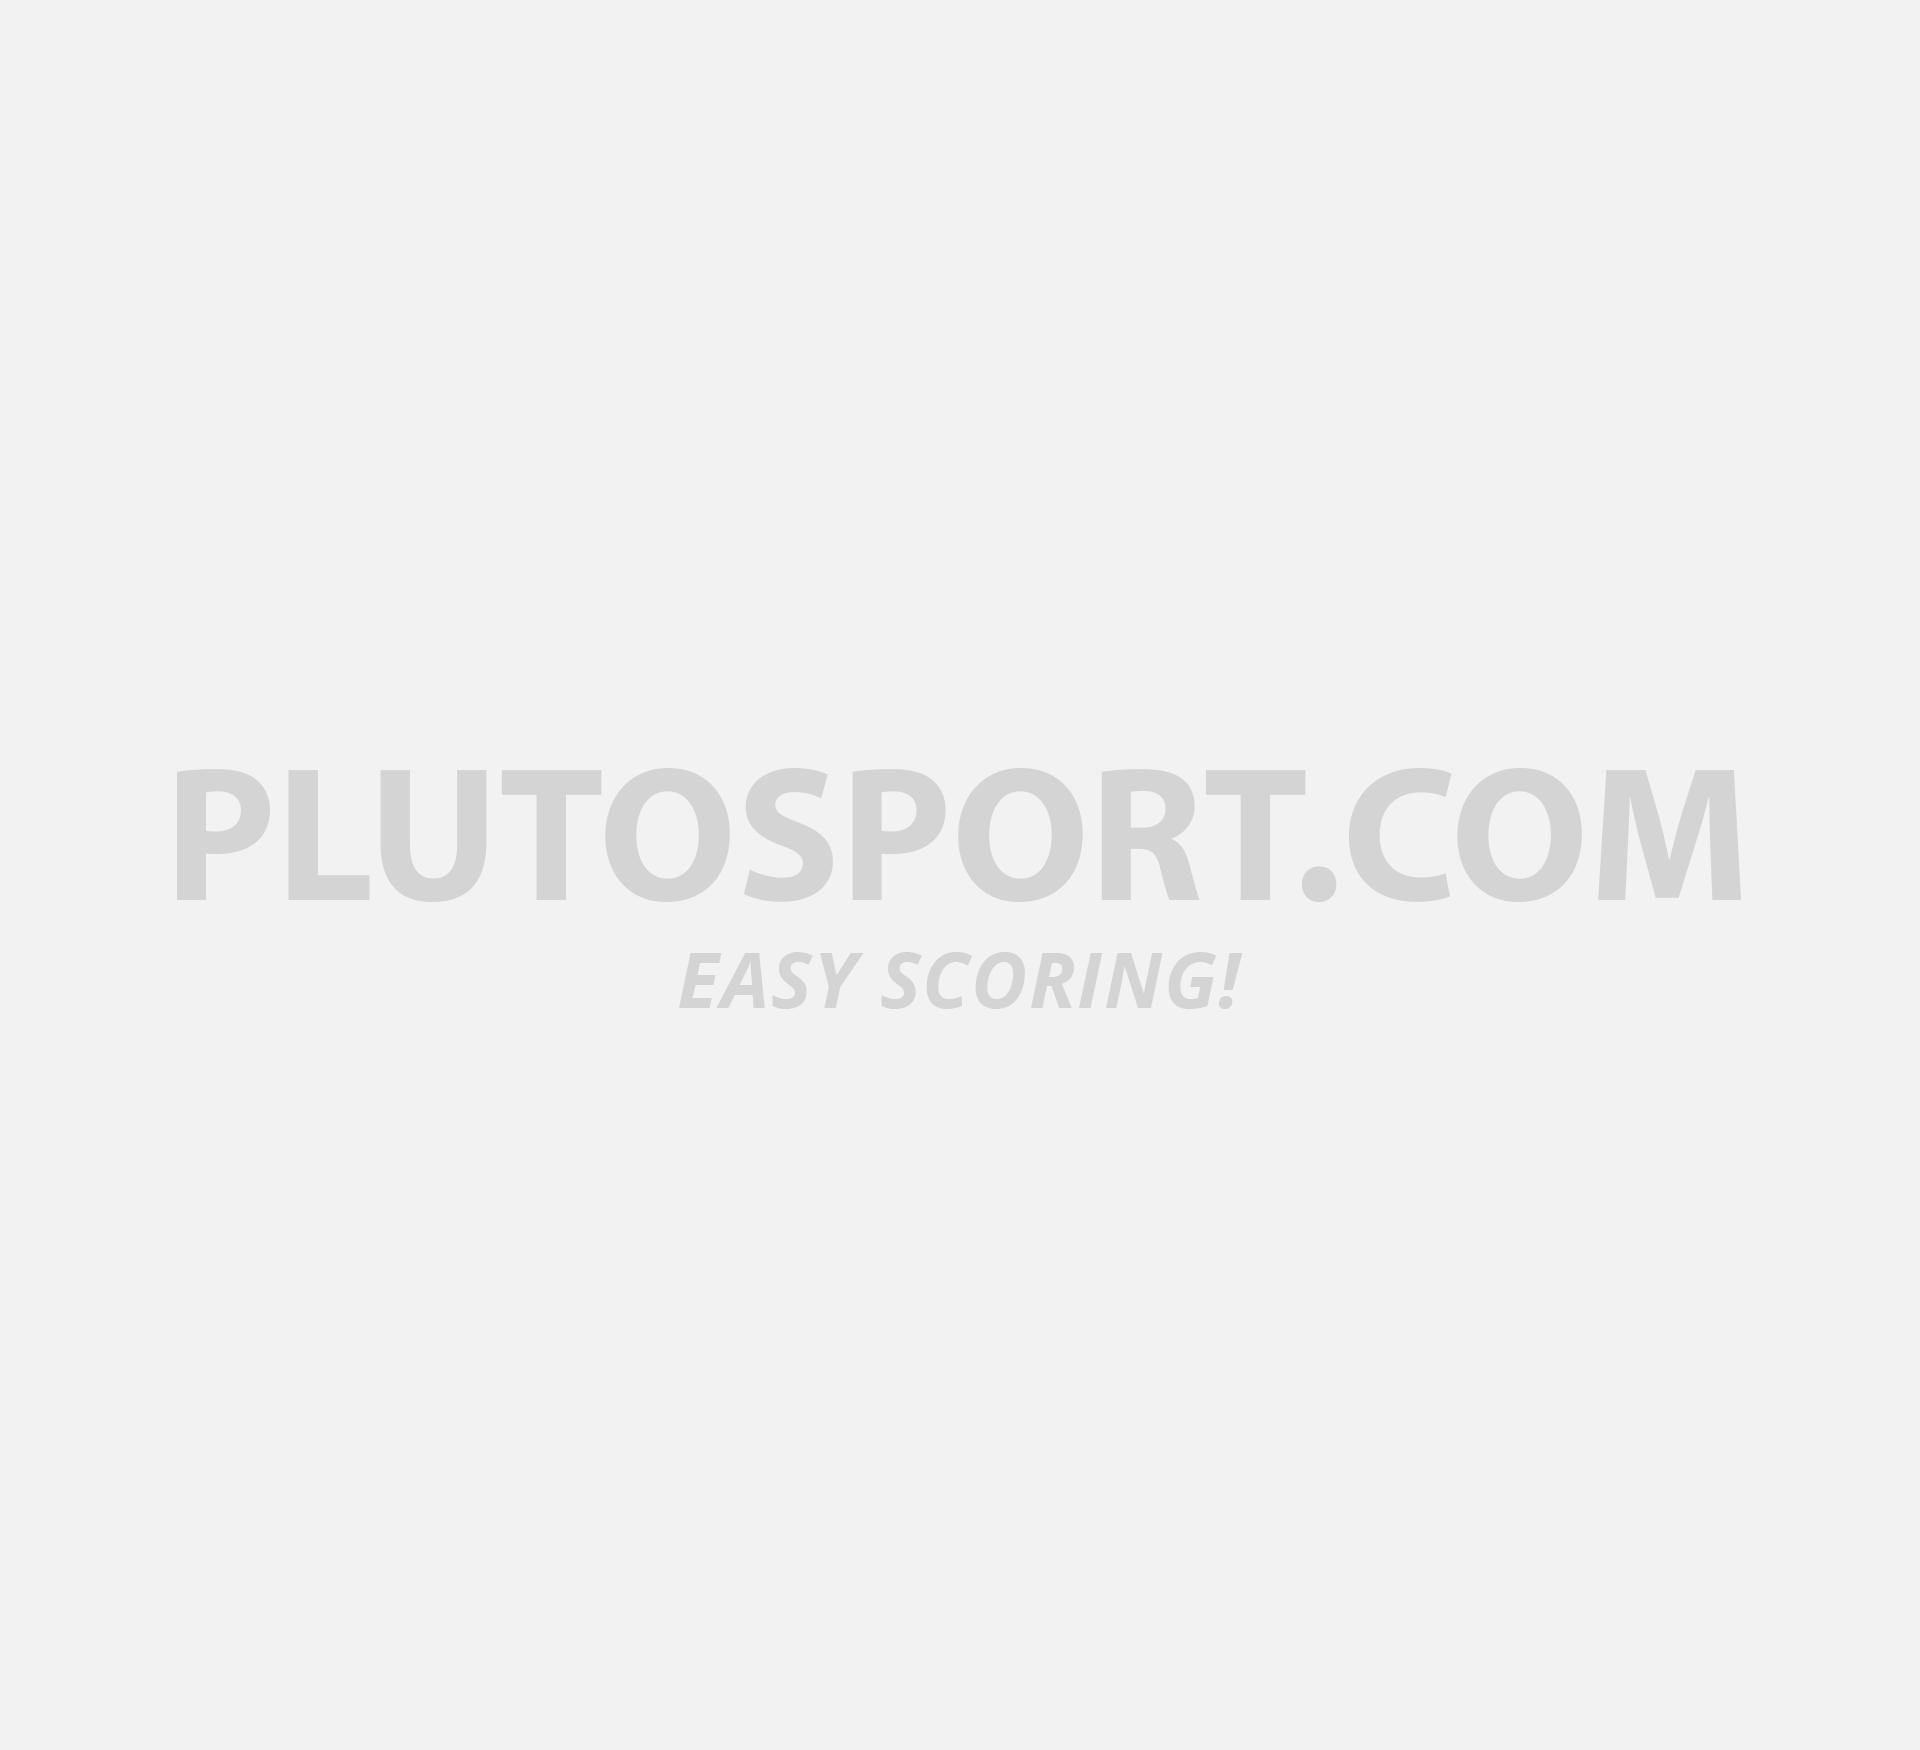 cb3f4ab5da748 Adidas Roland Garros Cap Women s - Caps - Accessories - Tennis ...